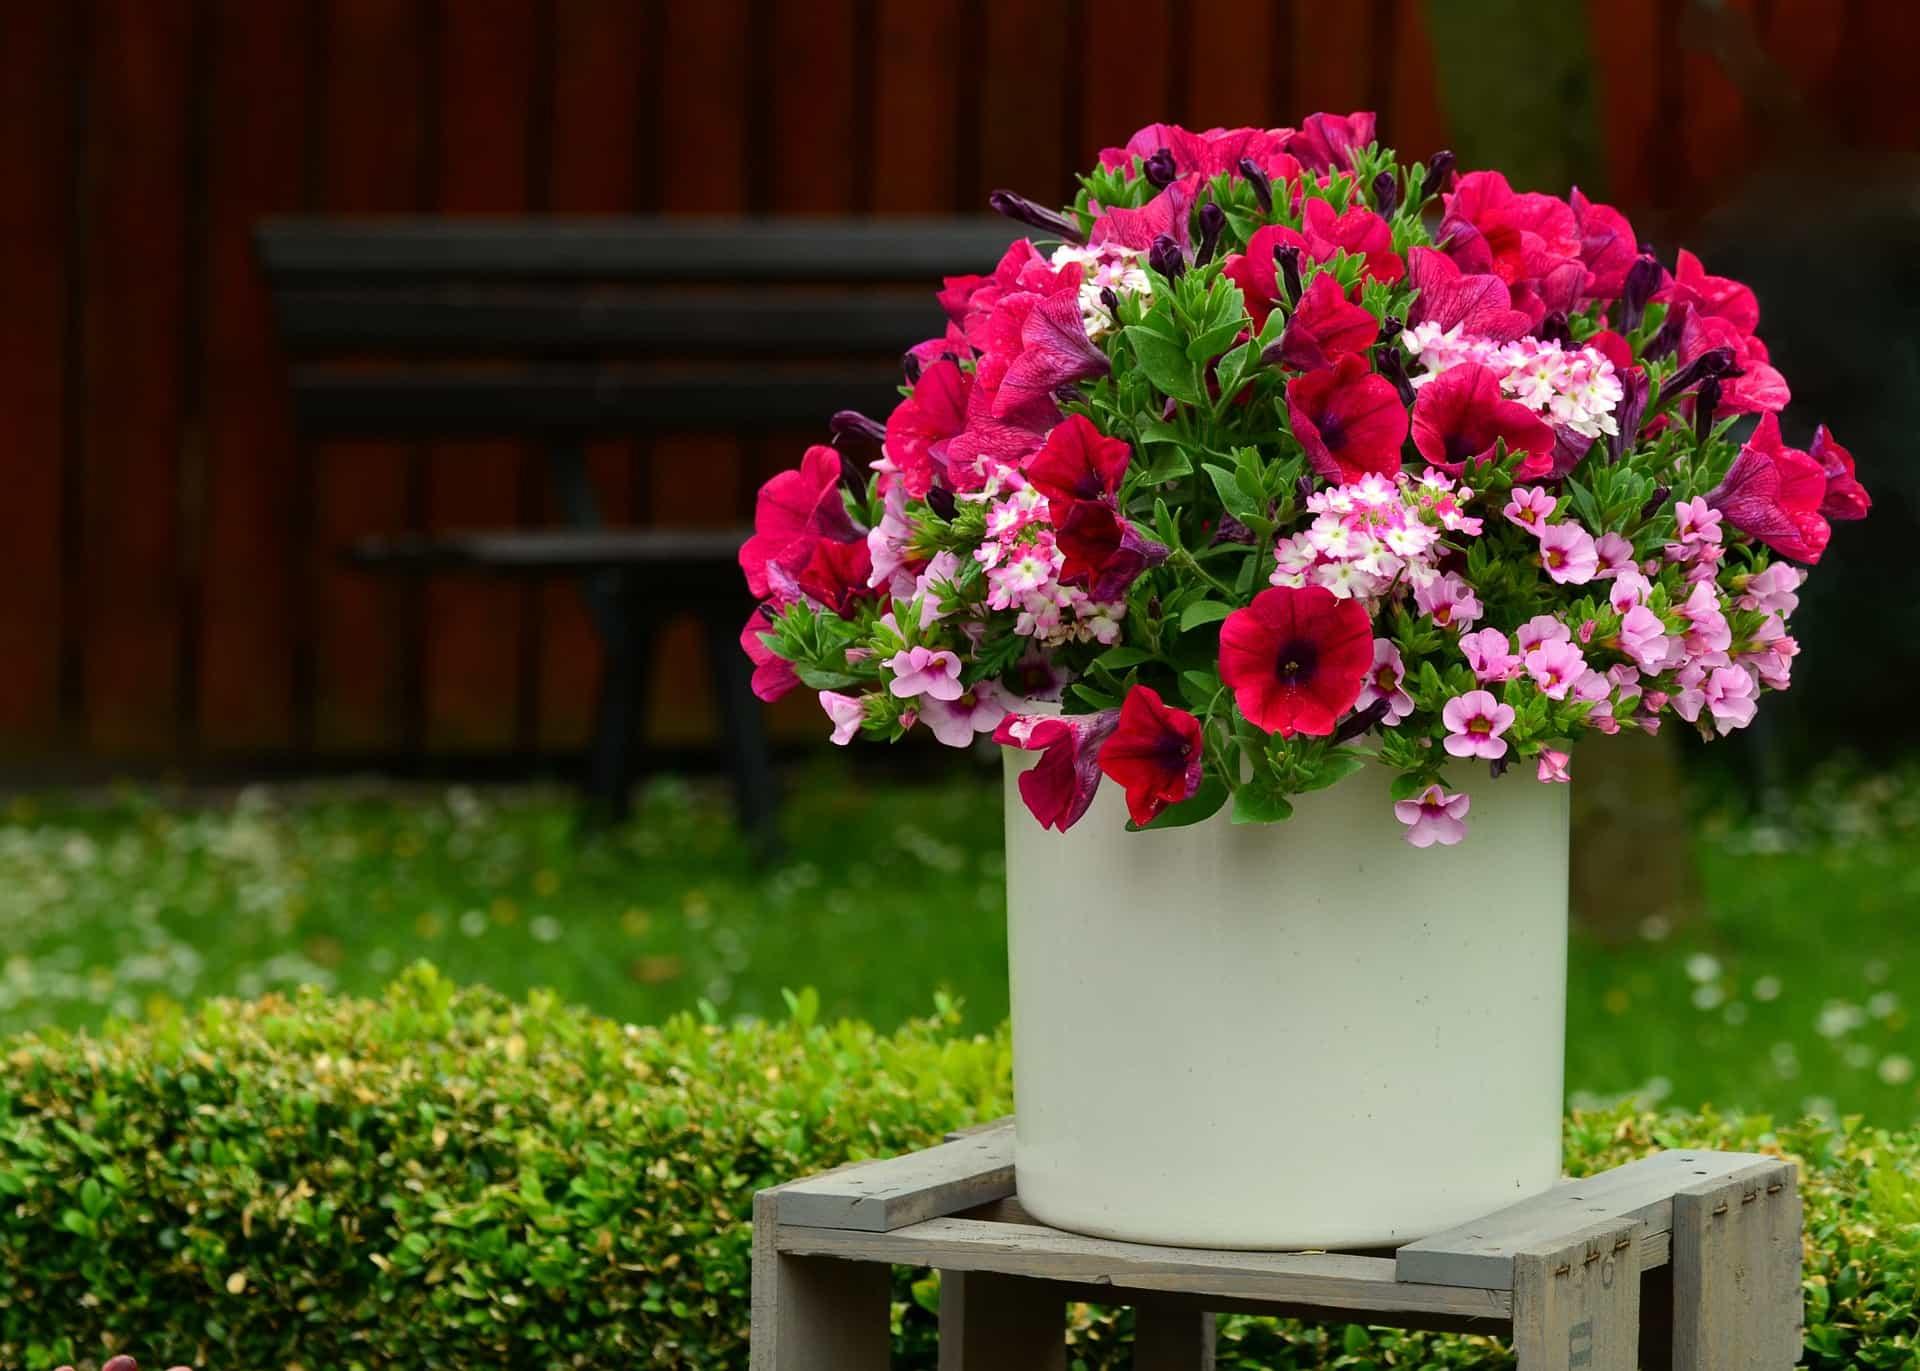 Blumentopf sorgt für saubere Luft